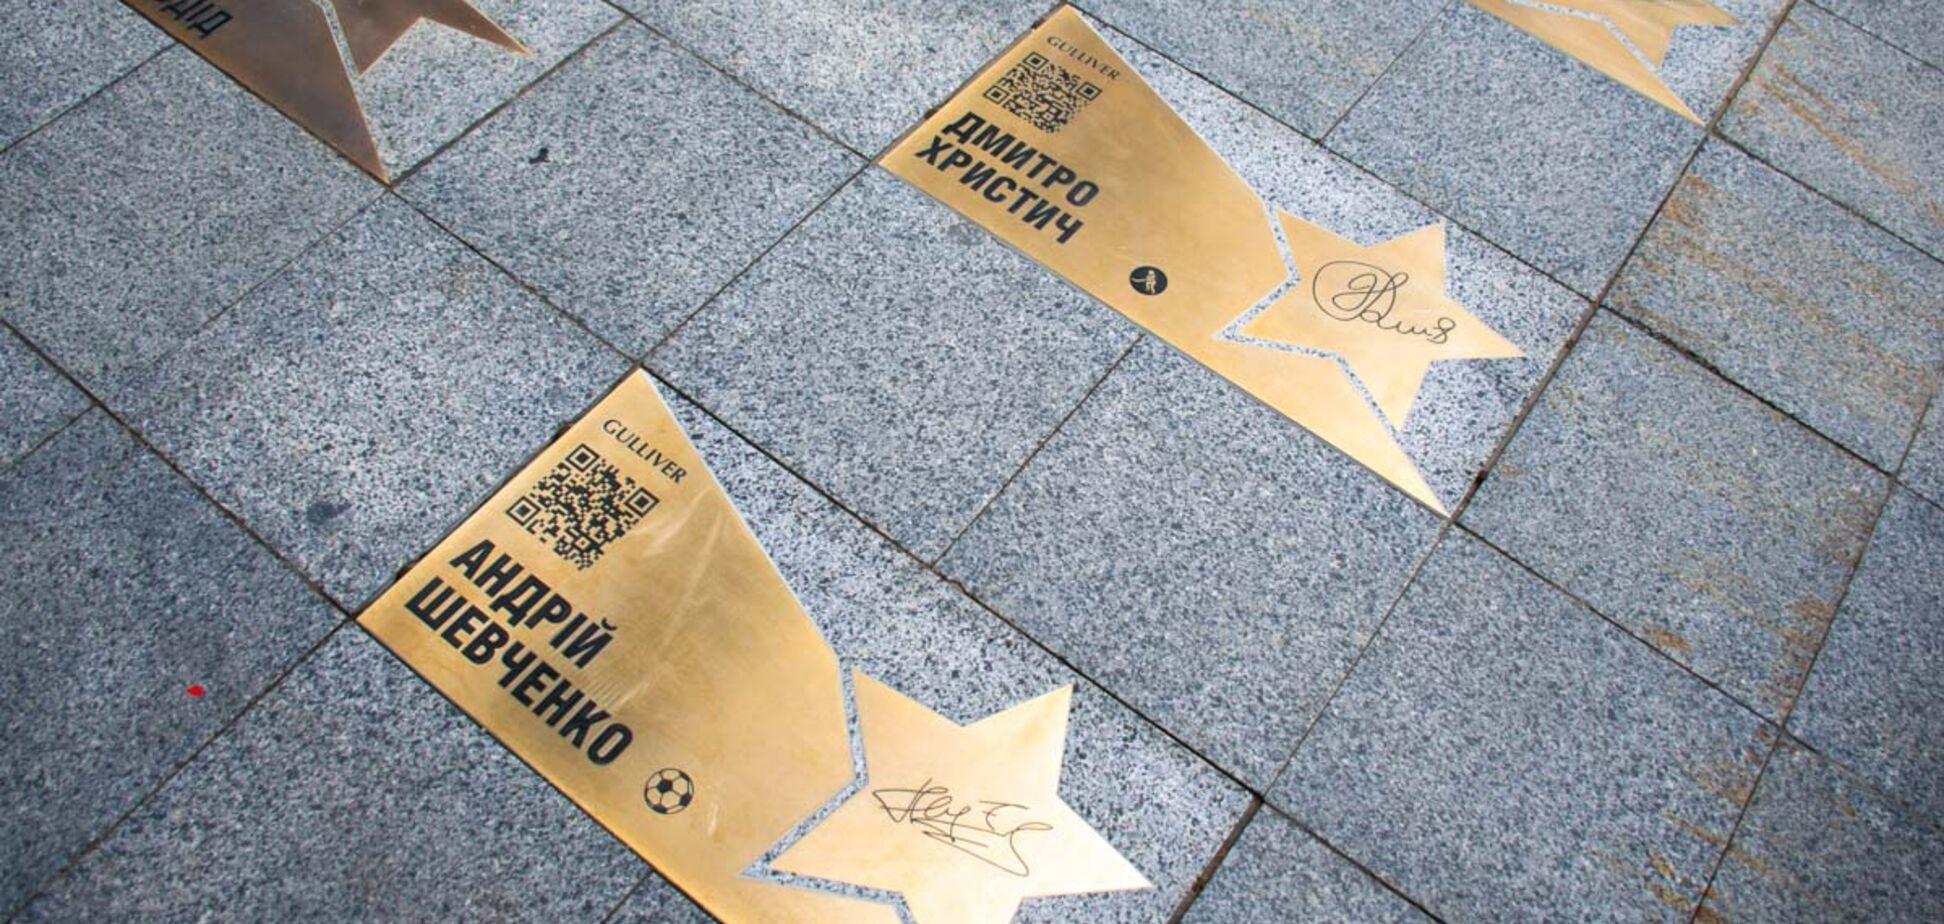 ''Площадь звезд'' в Киеве (фото – kiev.informator.ua). Источник: kiev.informator.ua